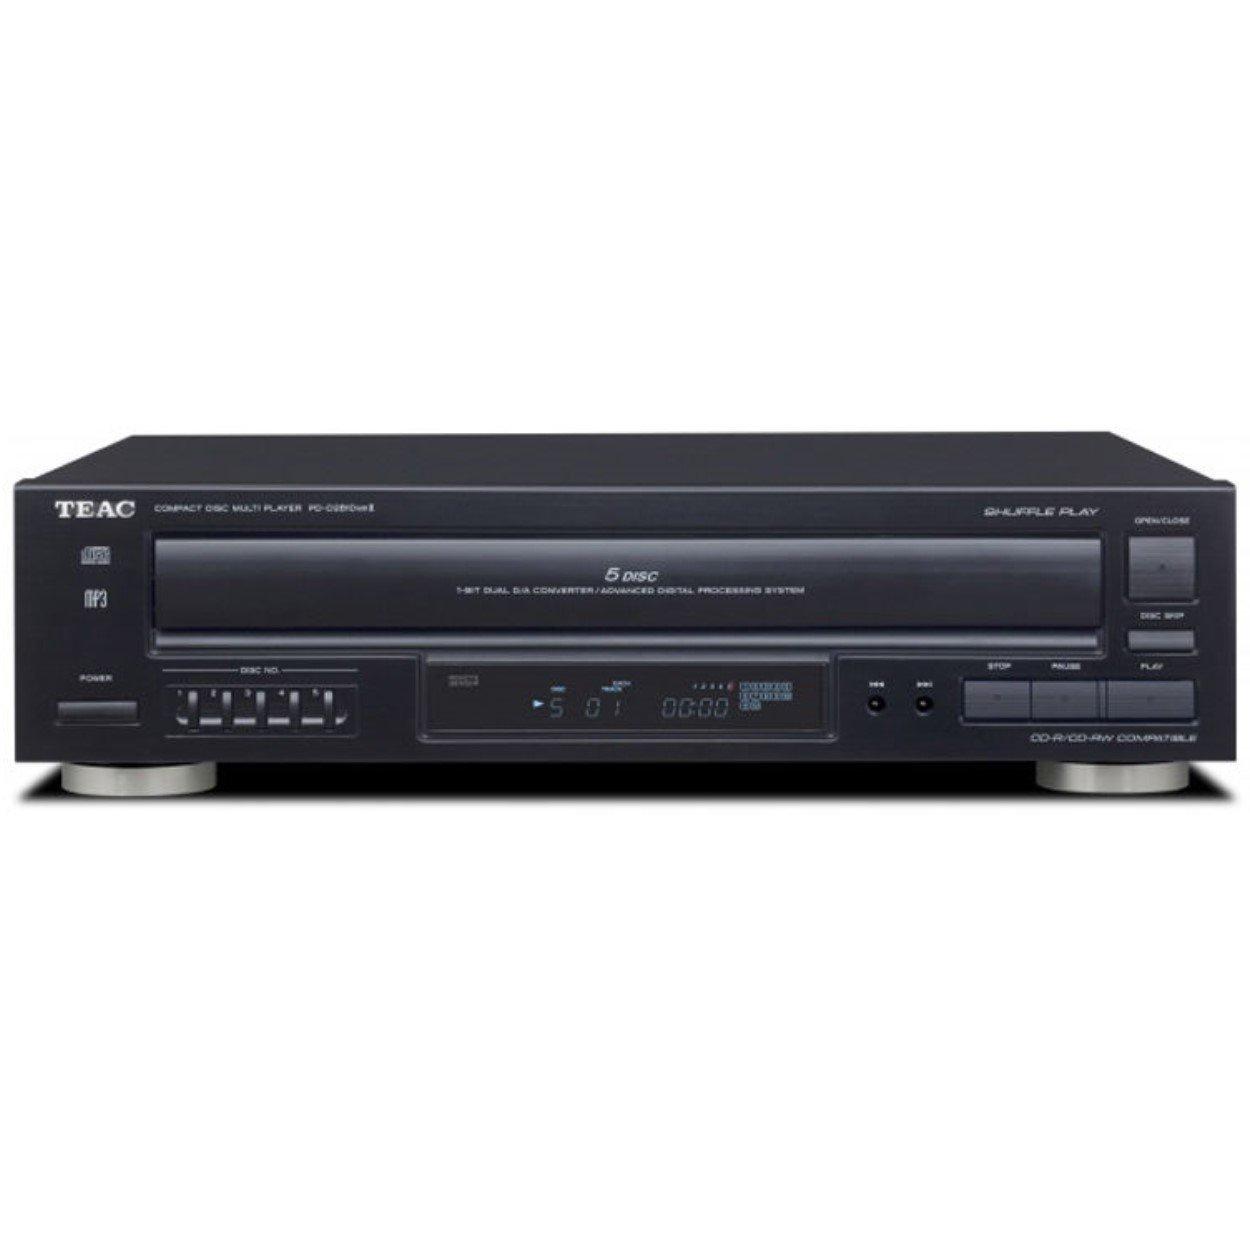 MP3 Teac PD-D2610MKII  PD-D2610MK2 5-Disc Carousel CD Player Remote CD,CD-R//RW